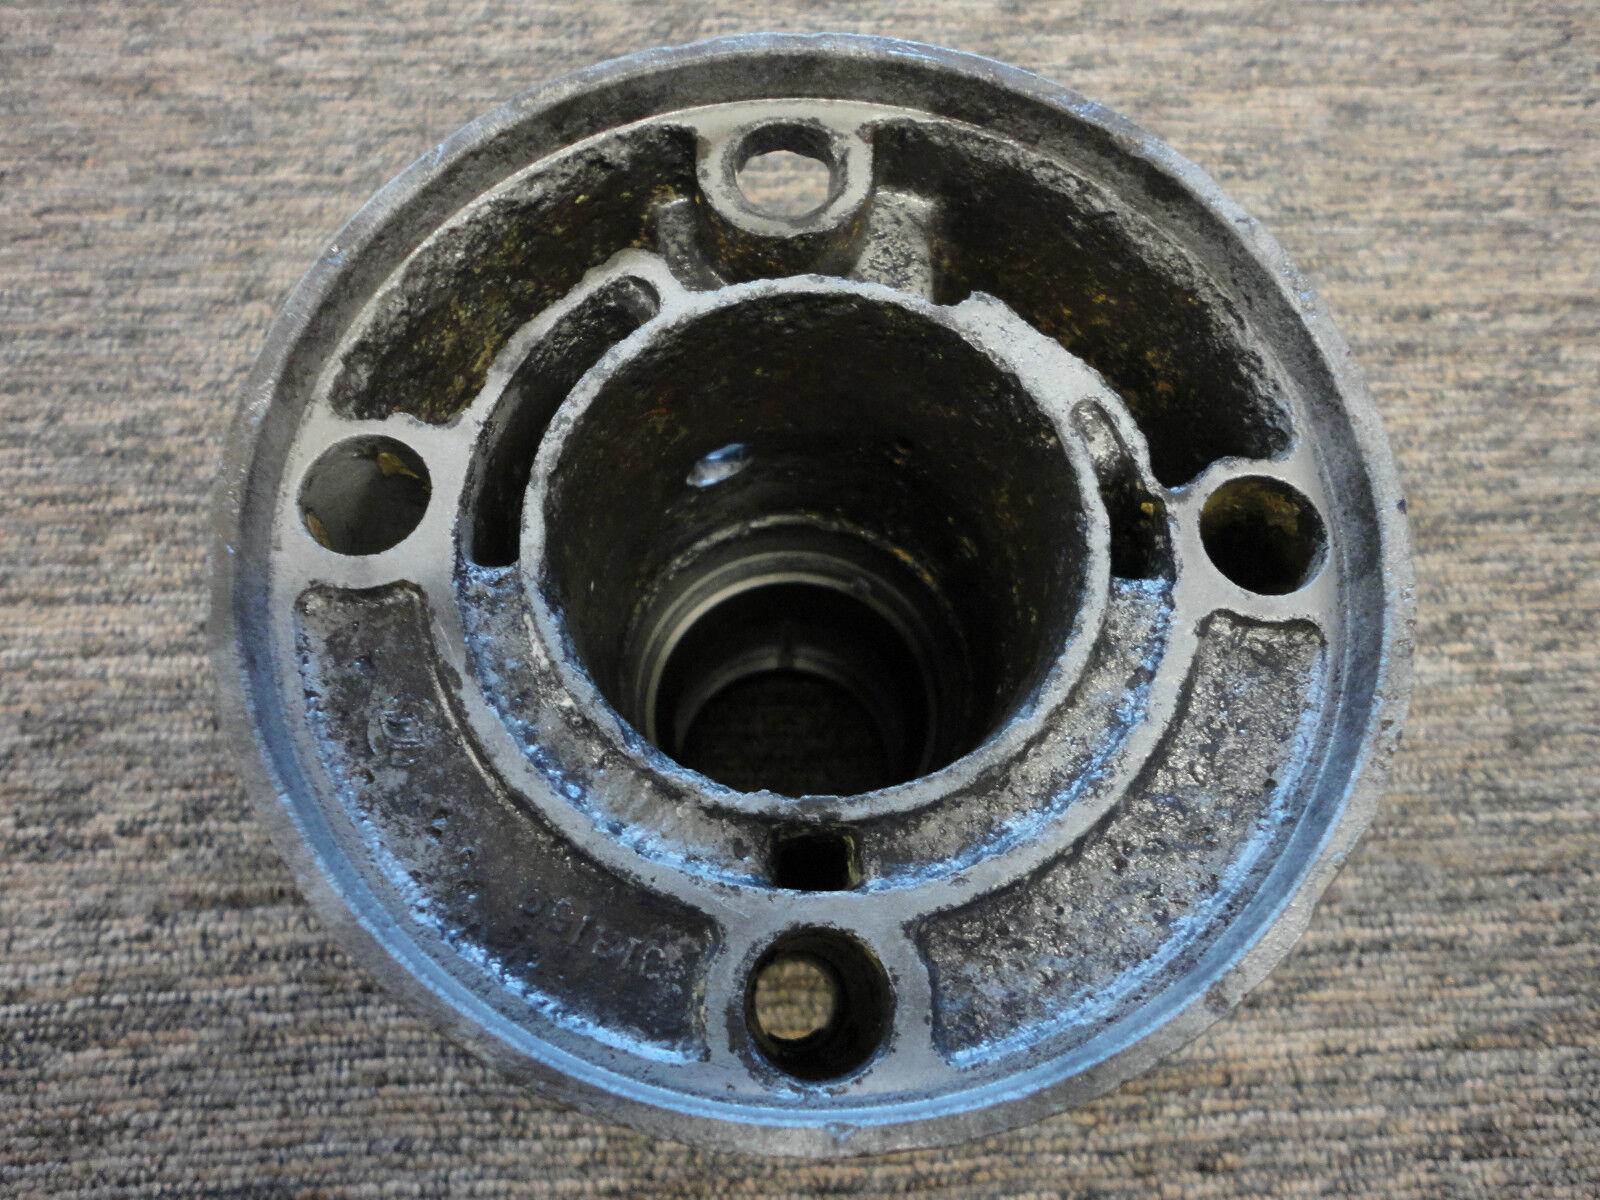 Omc Stinger Sterndrive Zahnradgetriebe 313159 Lagergehäuse Pn : 313159 Zahnradgetriebe Schneller 2d35dd